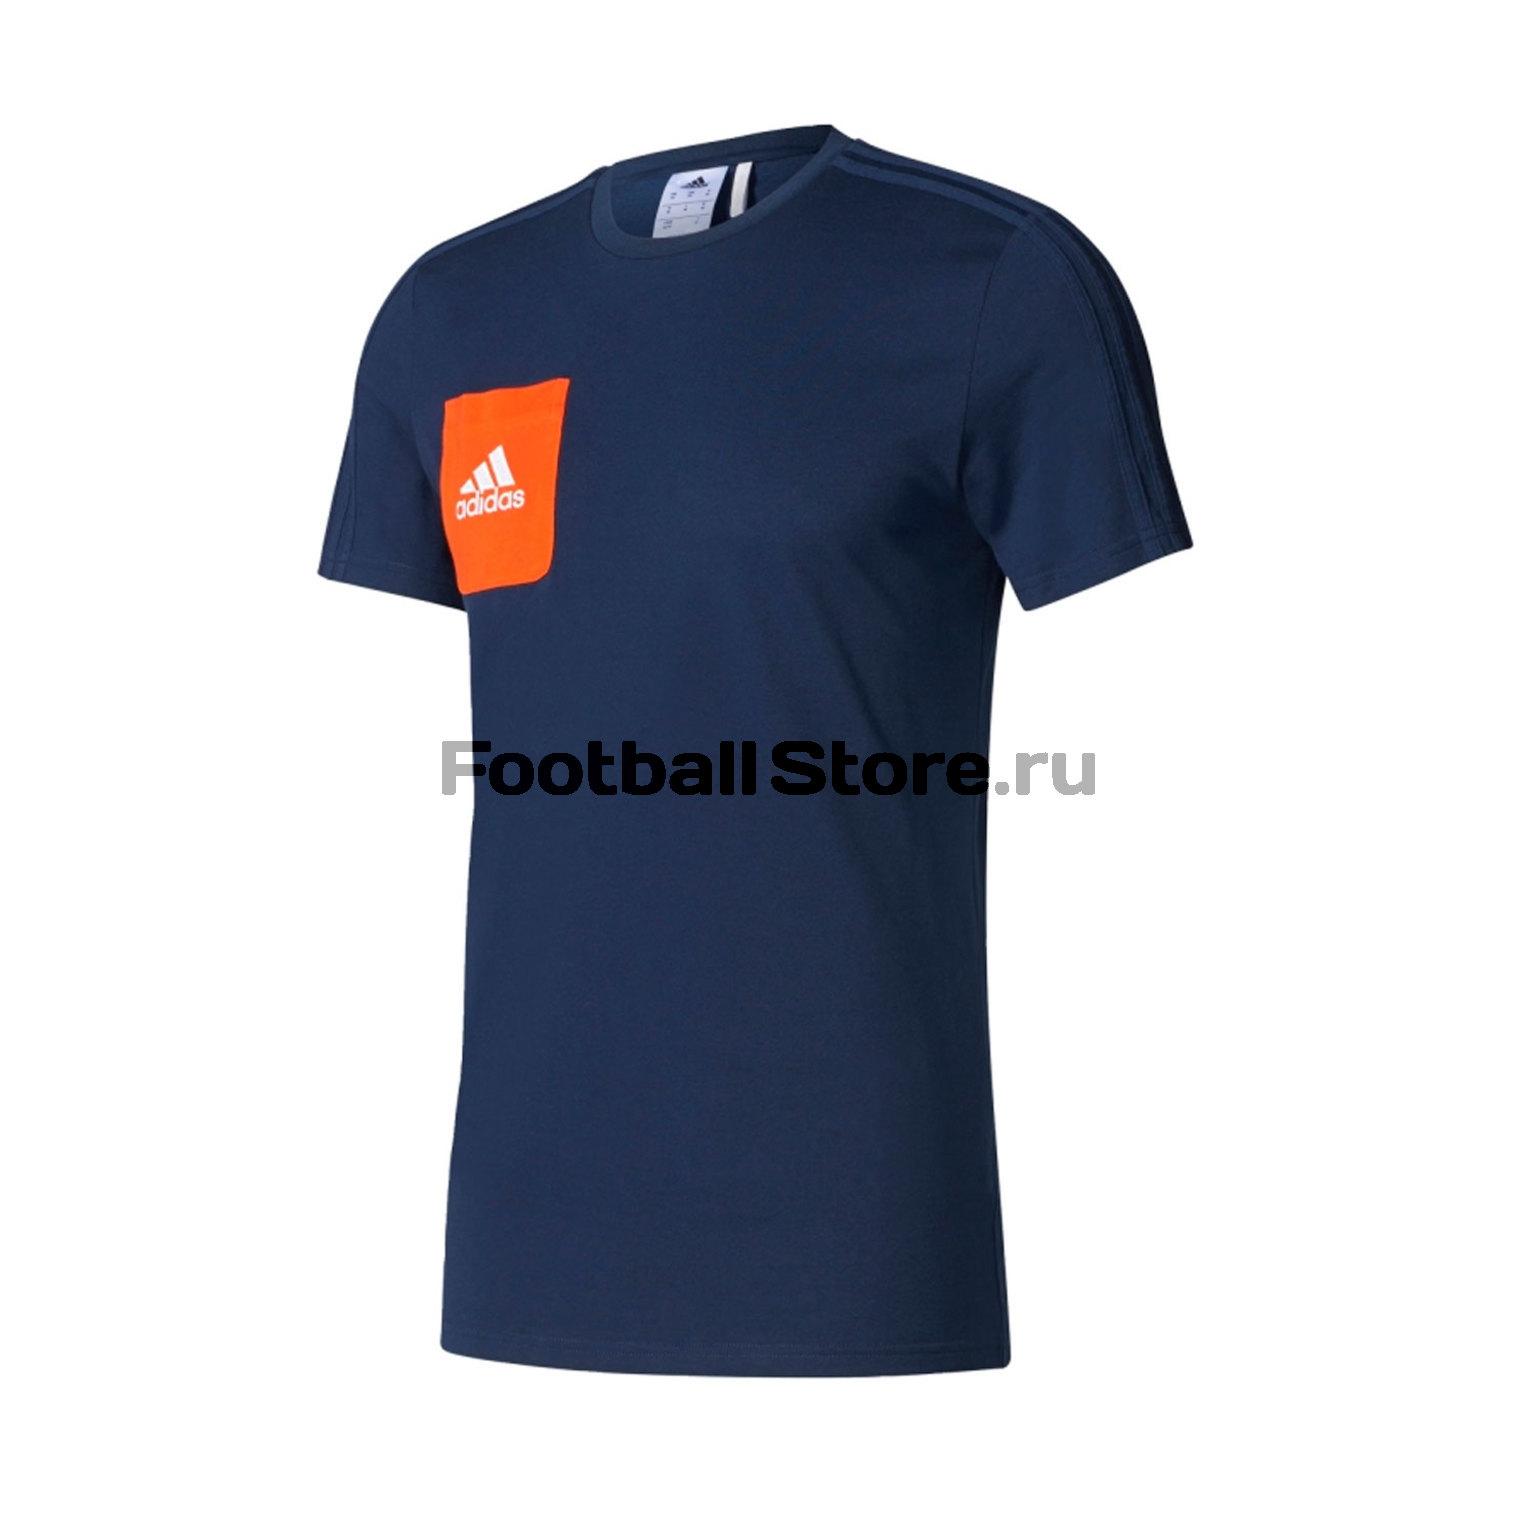 Футболка тренировочная Adidas Tiro17 Tee BQ2663